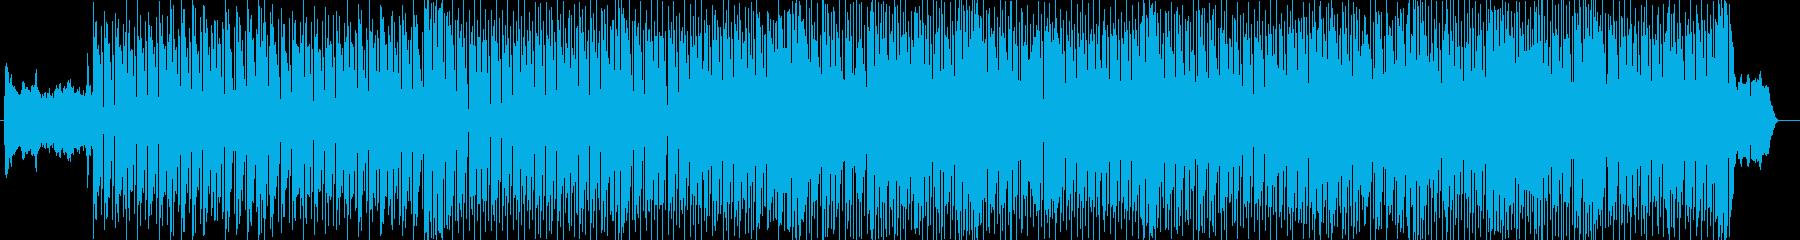 敵地にいるような怪しげなBGMの再生済みの波形